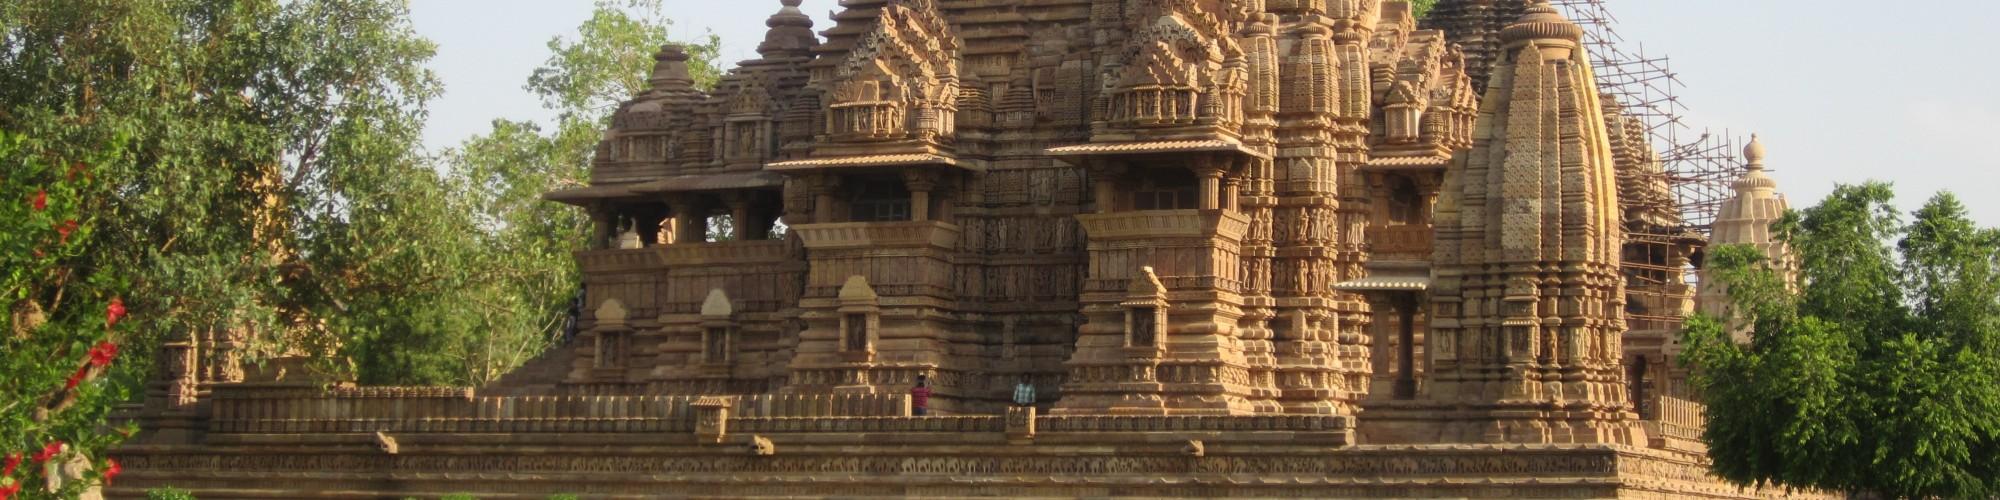 India - Khajuraho (54)